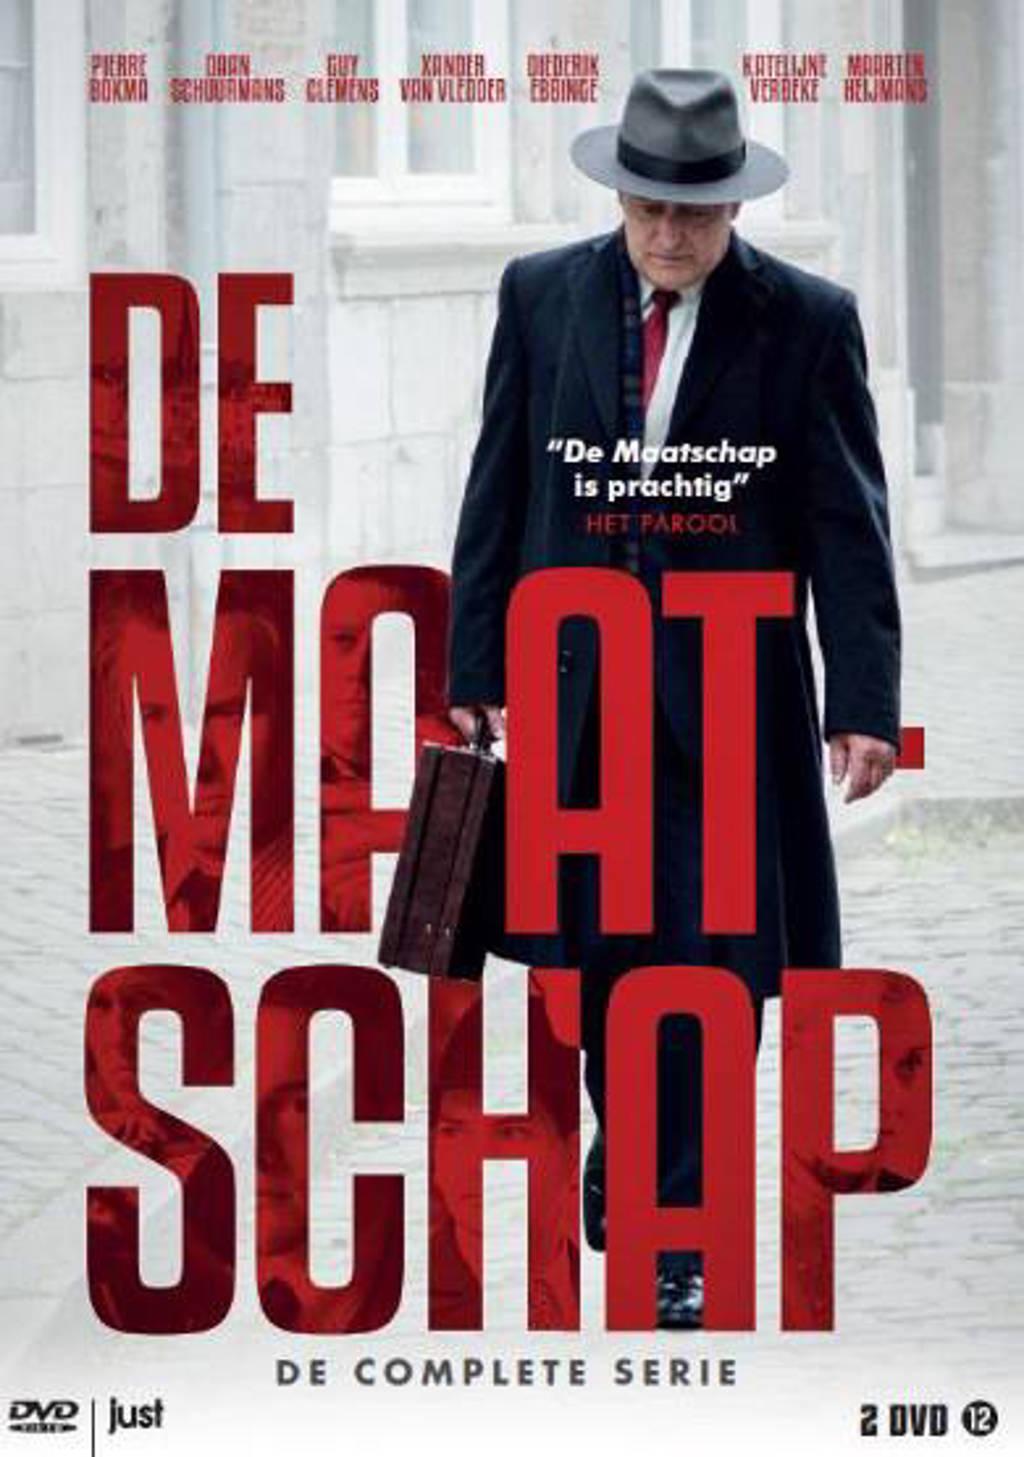 Maatschap (DVD)